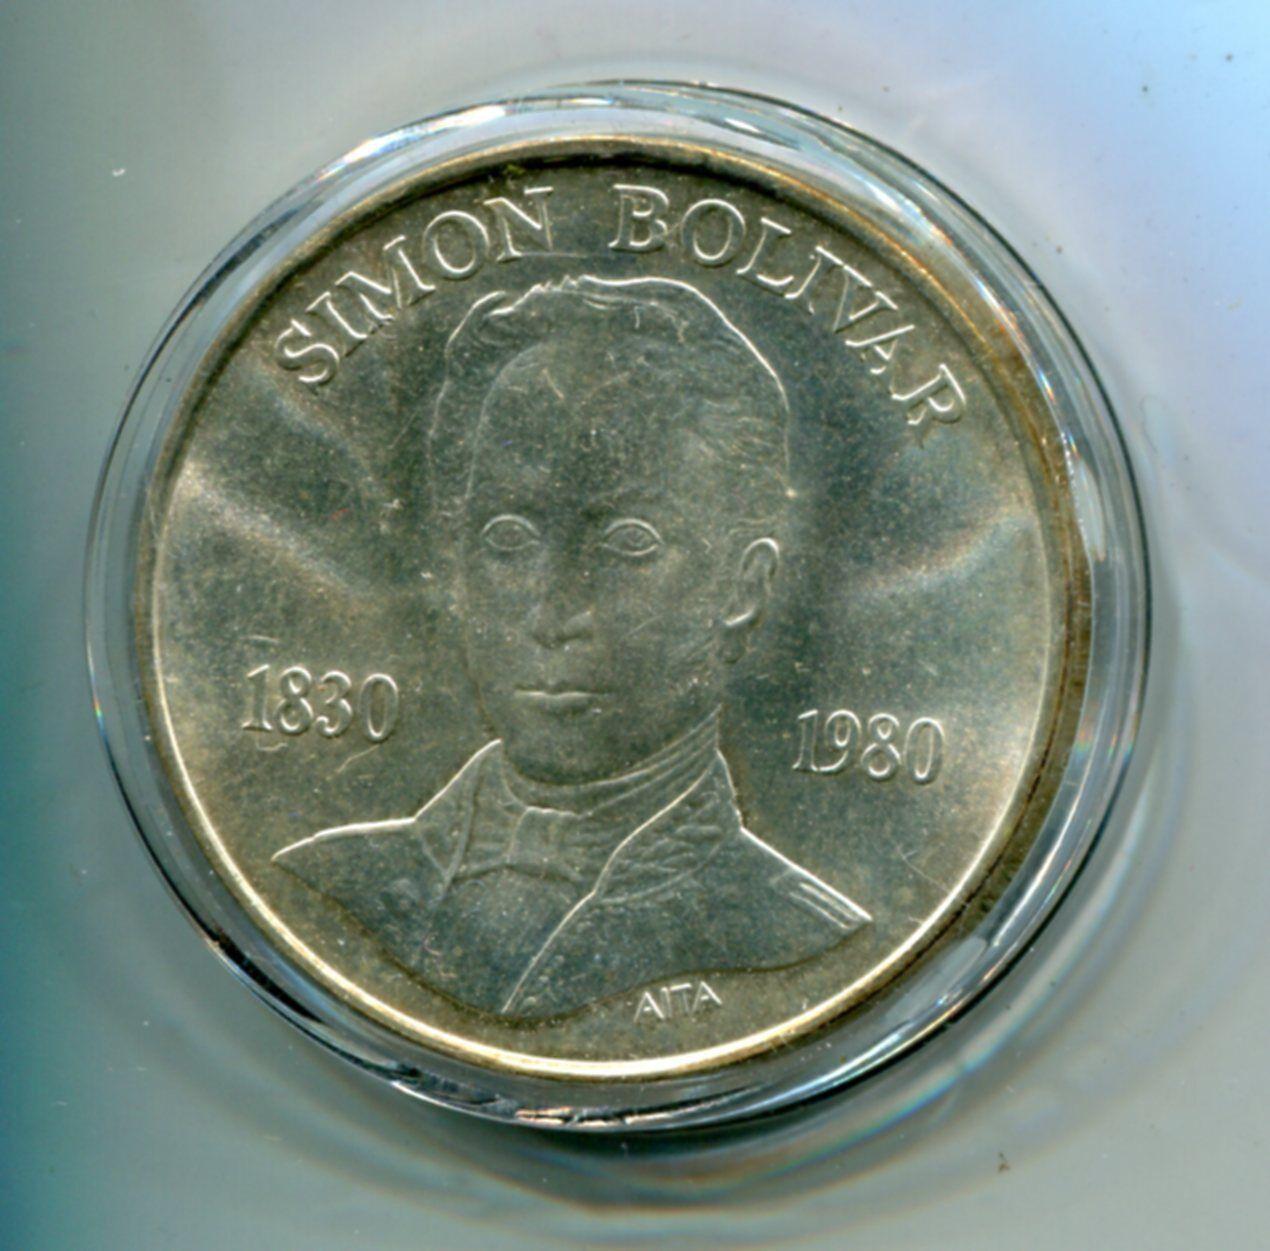 Details About 1980 Venezuela Commemorative Silver Coin 100 Bolivares Best Investment